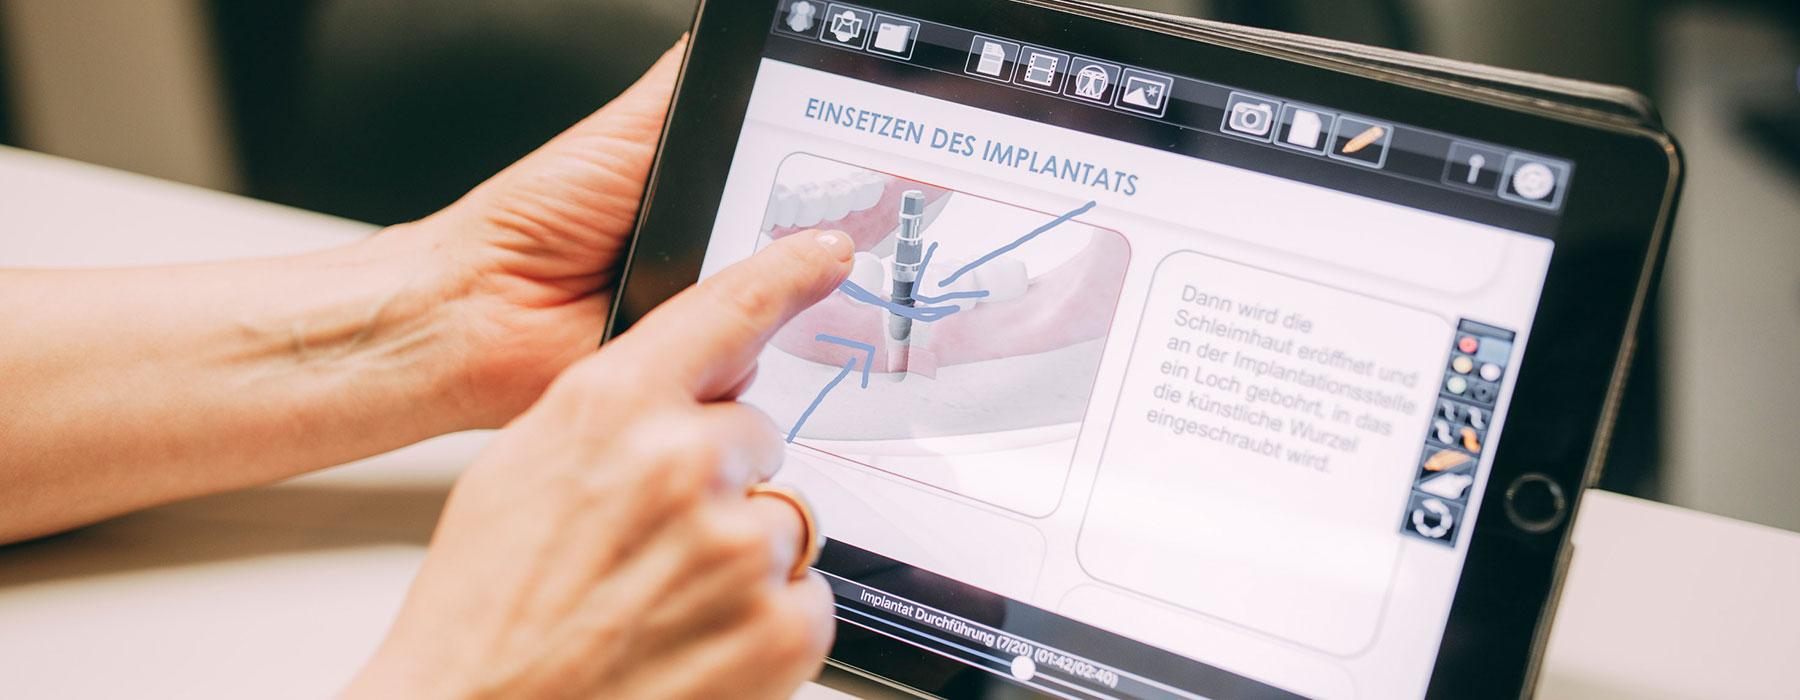 Grafik, wie ein Zahnimplantat bei Dr. Thorn in Frankfurt-Sachsenhausen sofort eingesetzt wird